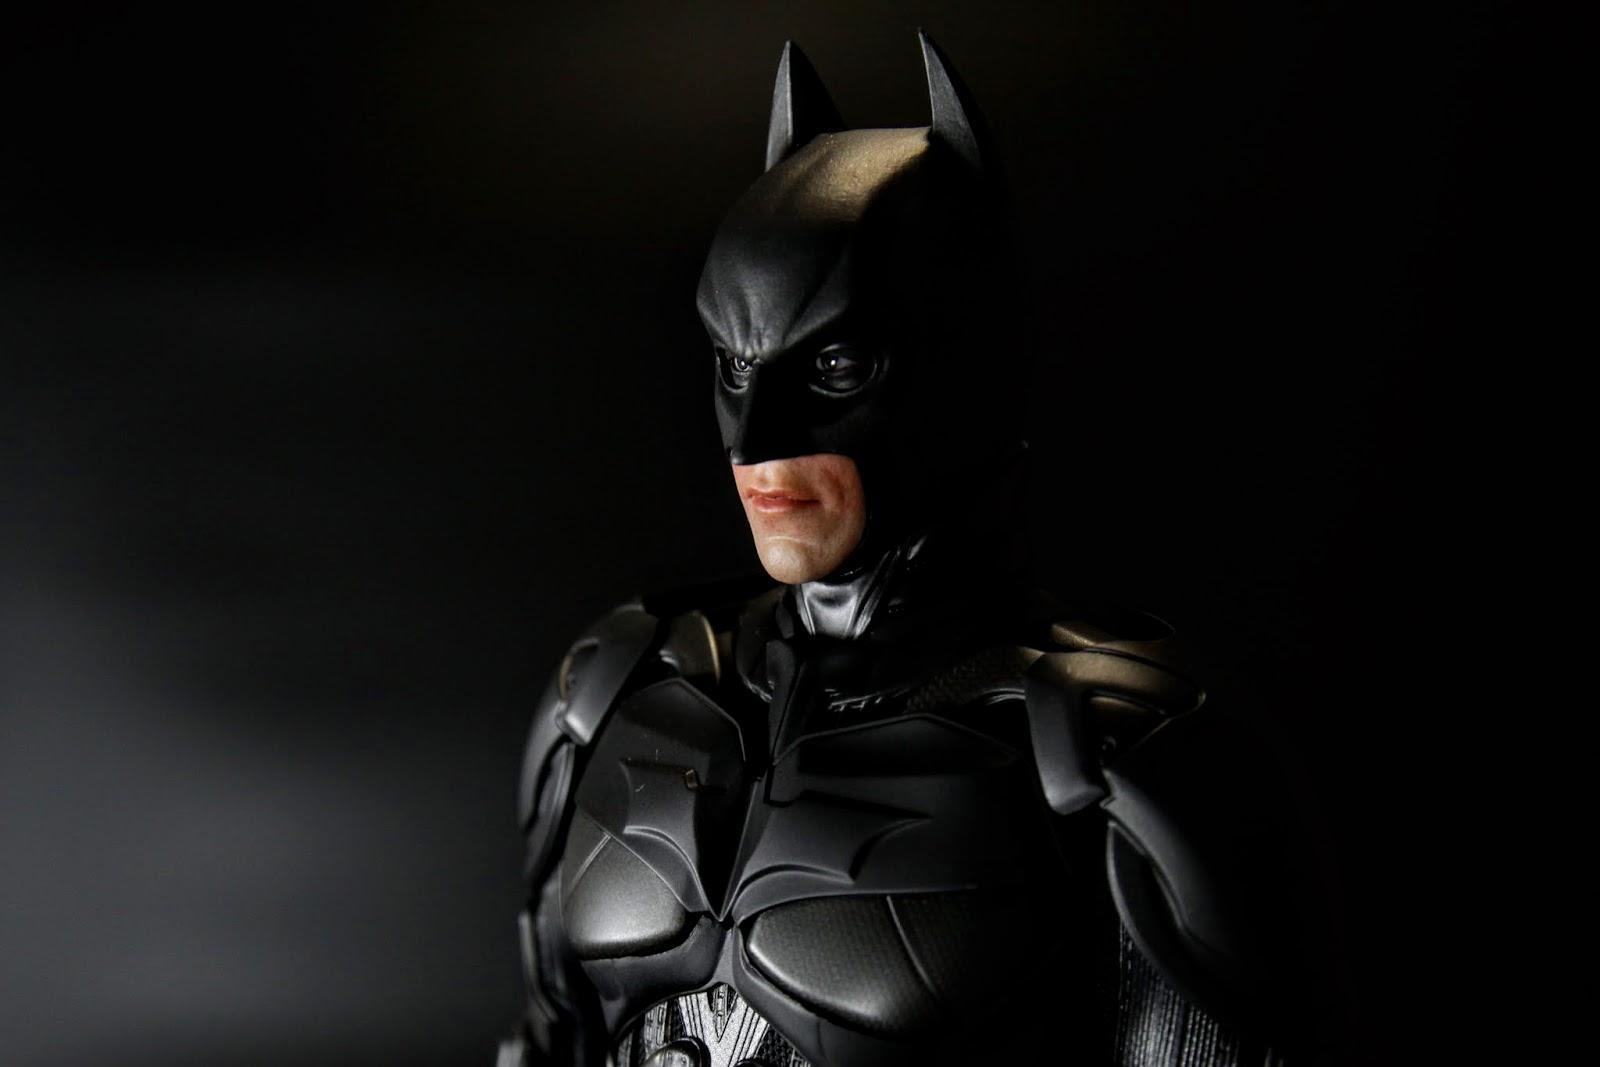 當然因為有兩組所以蝙蝠俠的頭也有兩個